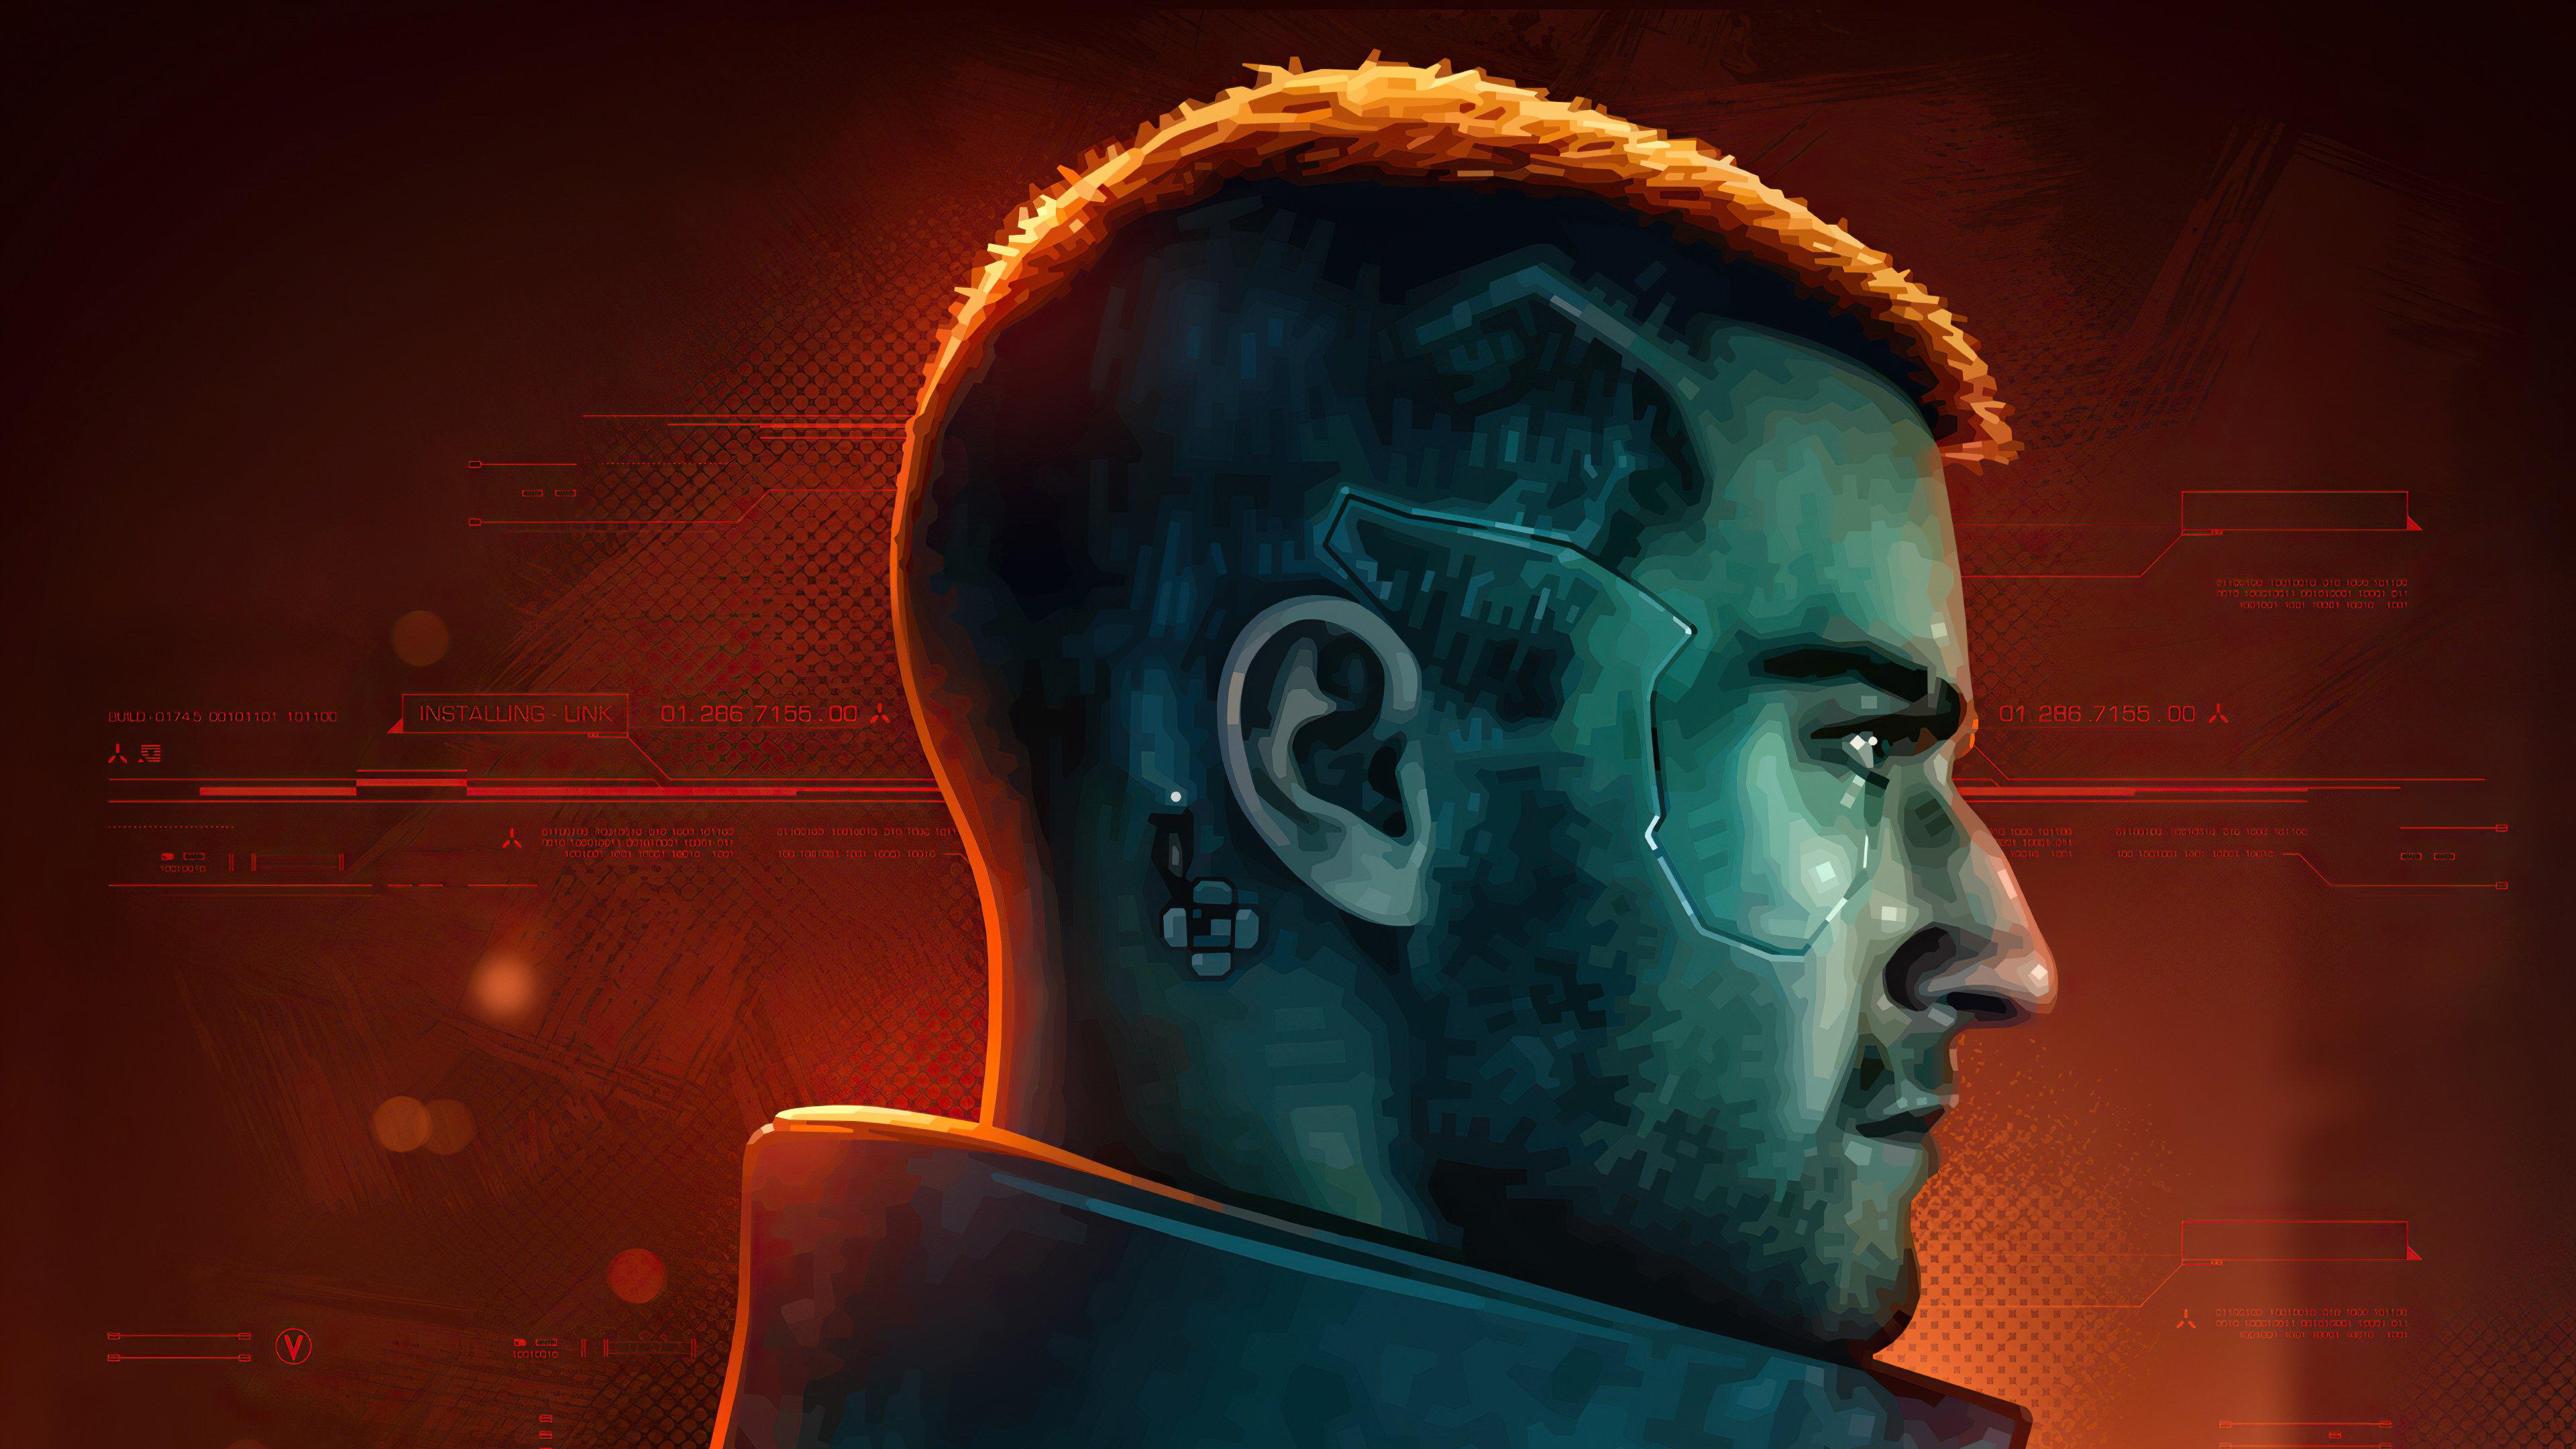 Wallpaper Character from Cyberpunk 2077